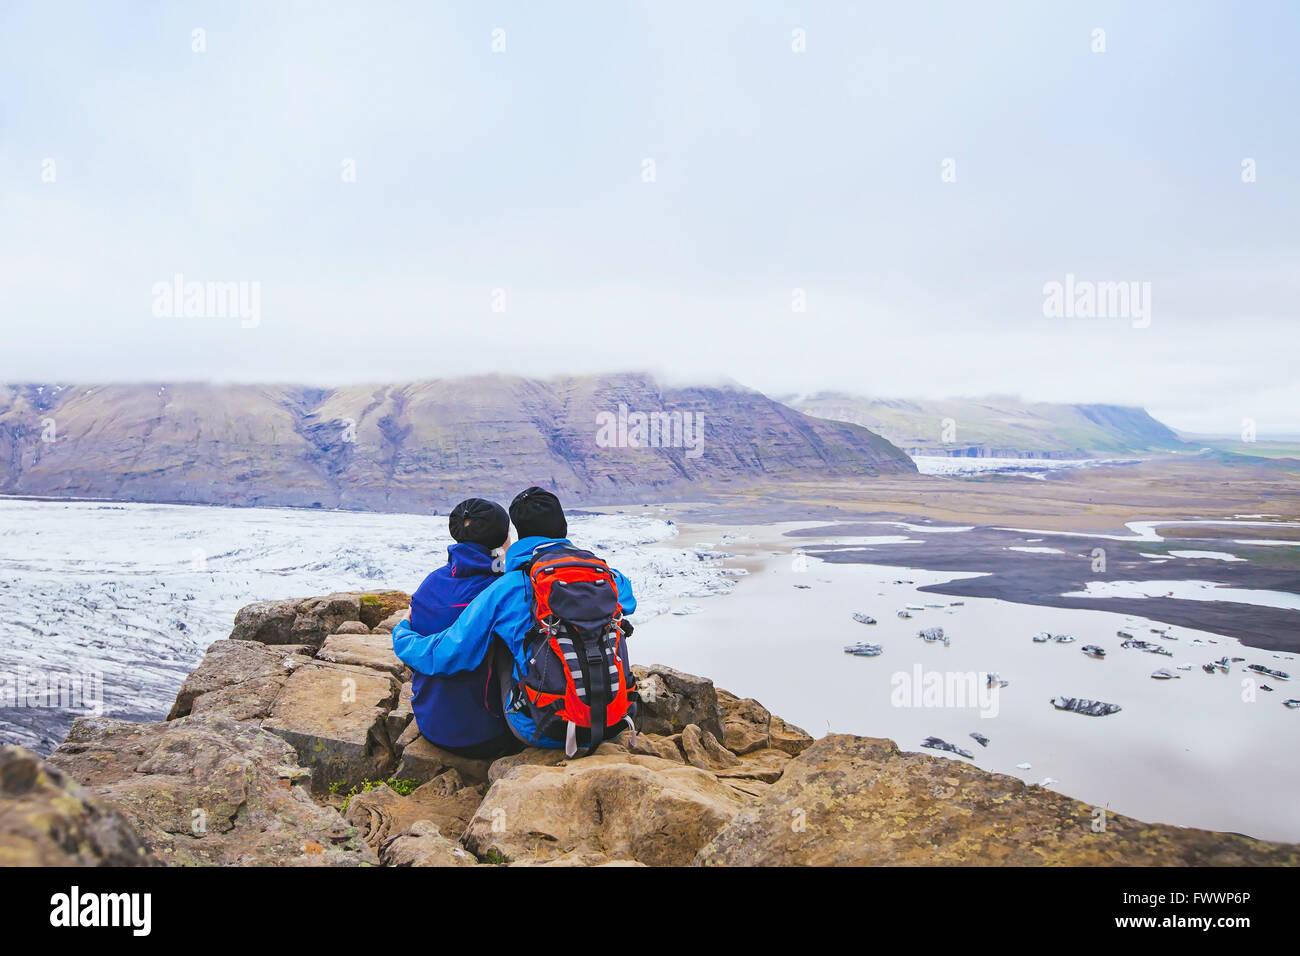 Paio di escursionisti di viaggio in Islanda, due backpackers godendo di vista del ghiacciaio e paesaggio di montagna Immagini Stock